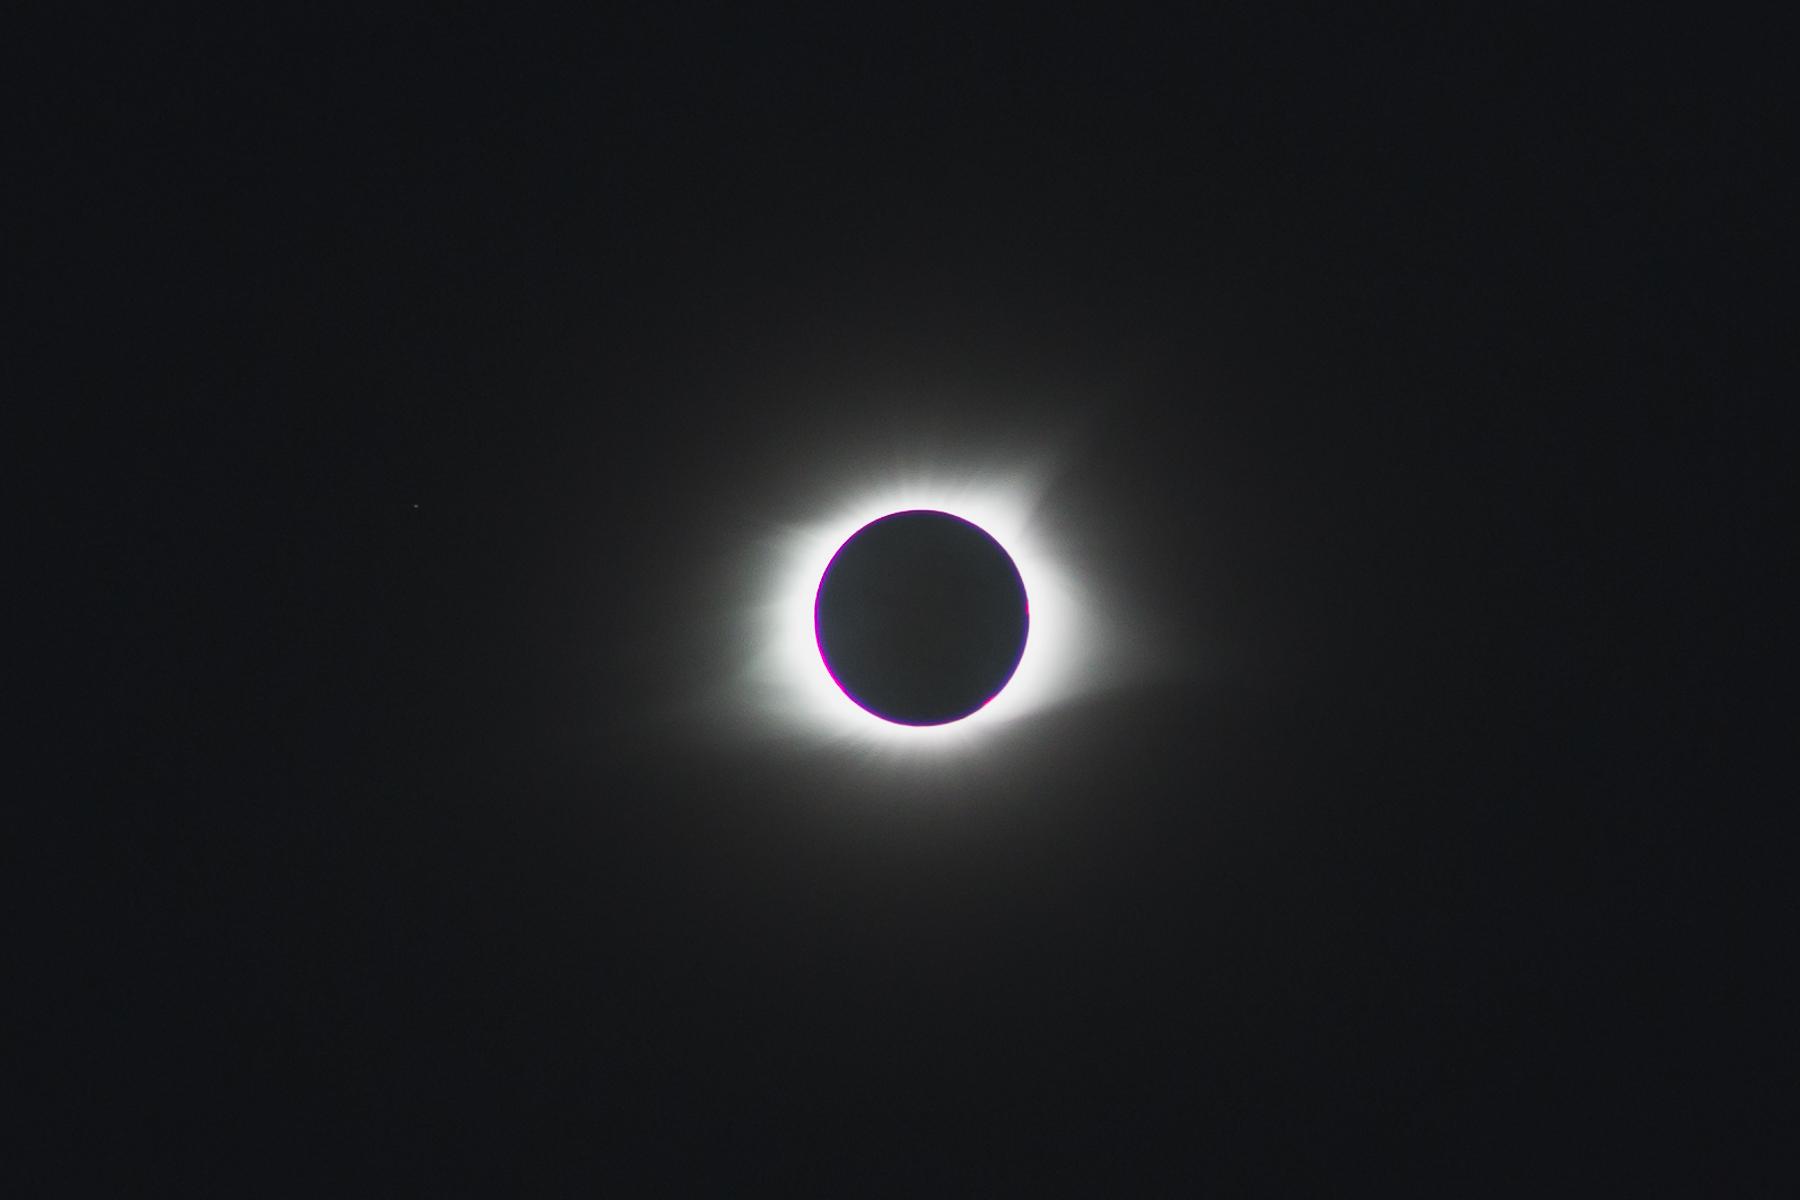 solareclipse_lo_res-31.jpg